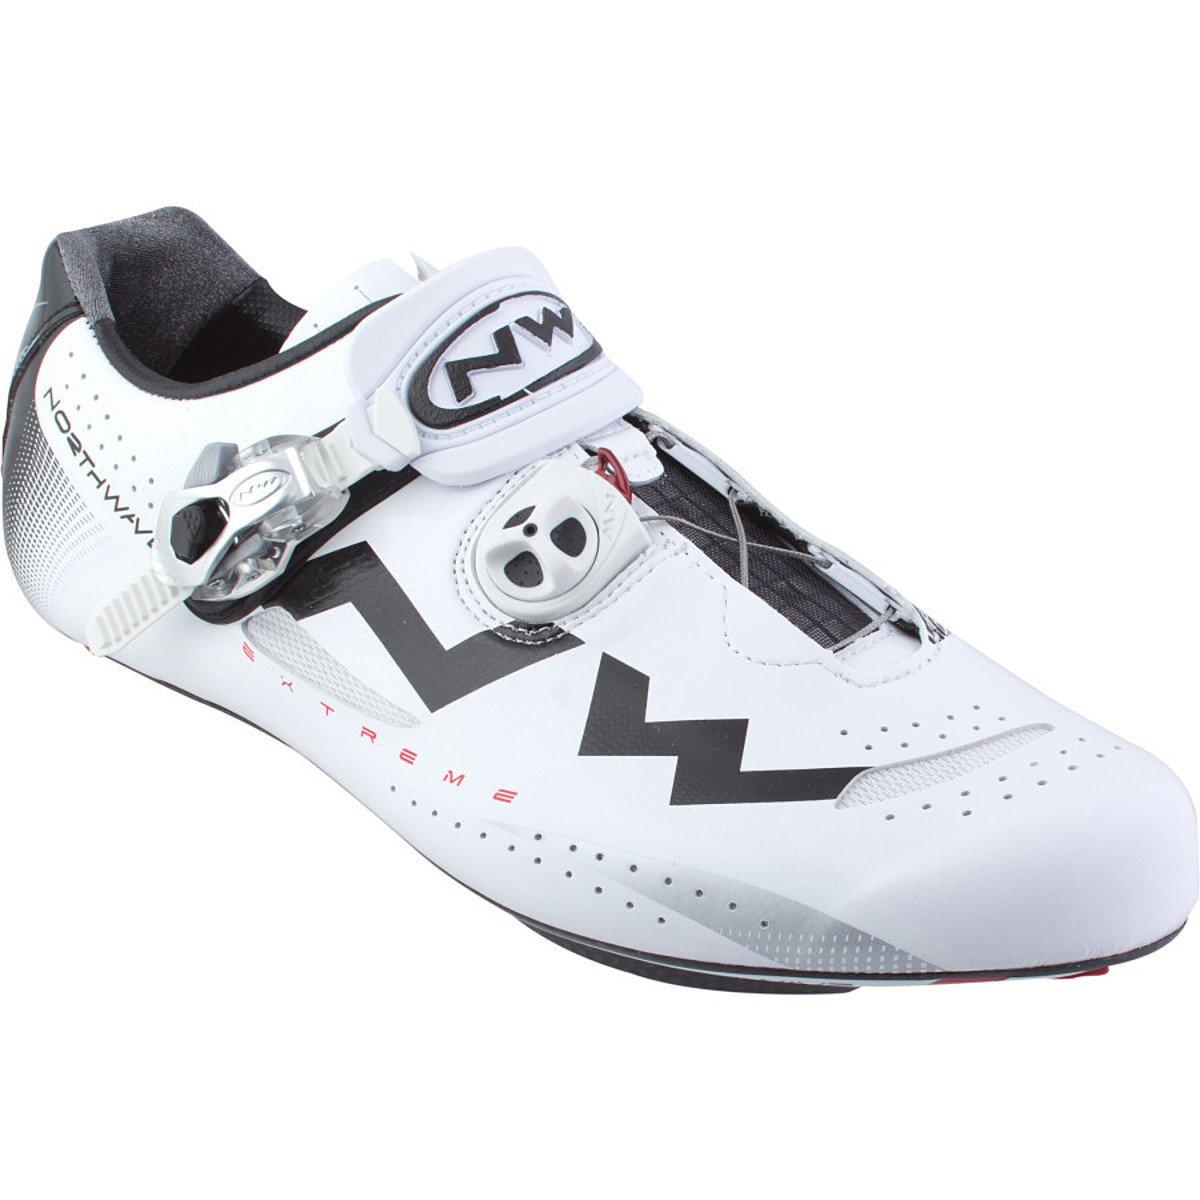 Northwave 80121001-51 - Zapatillas de Ciclismo, Talla DE: 44 ...